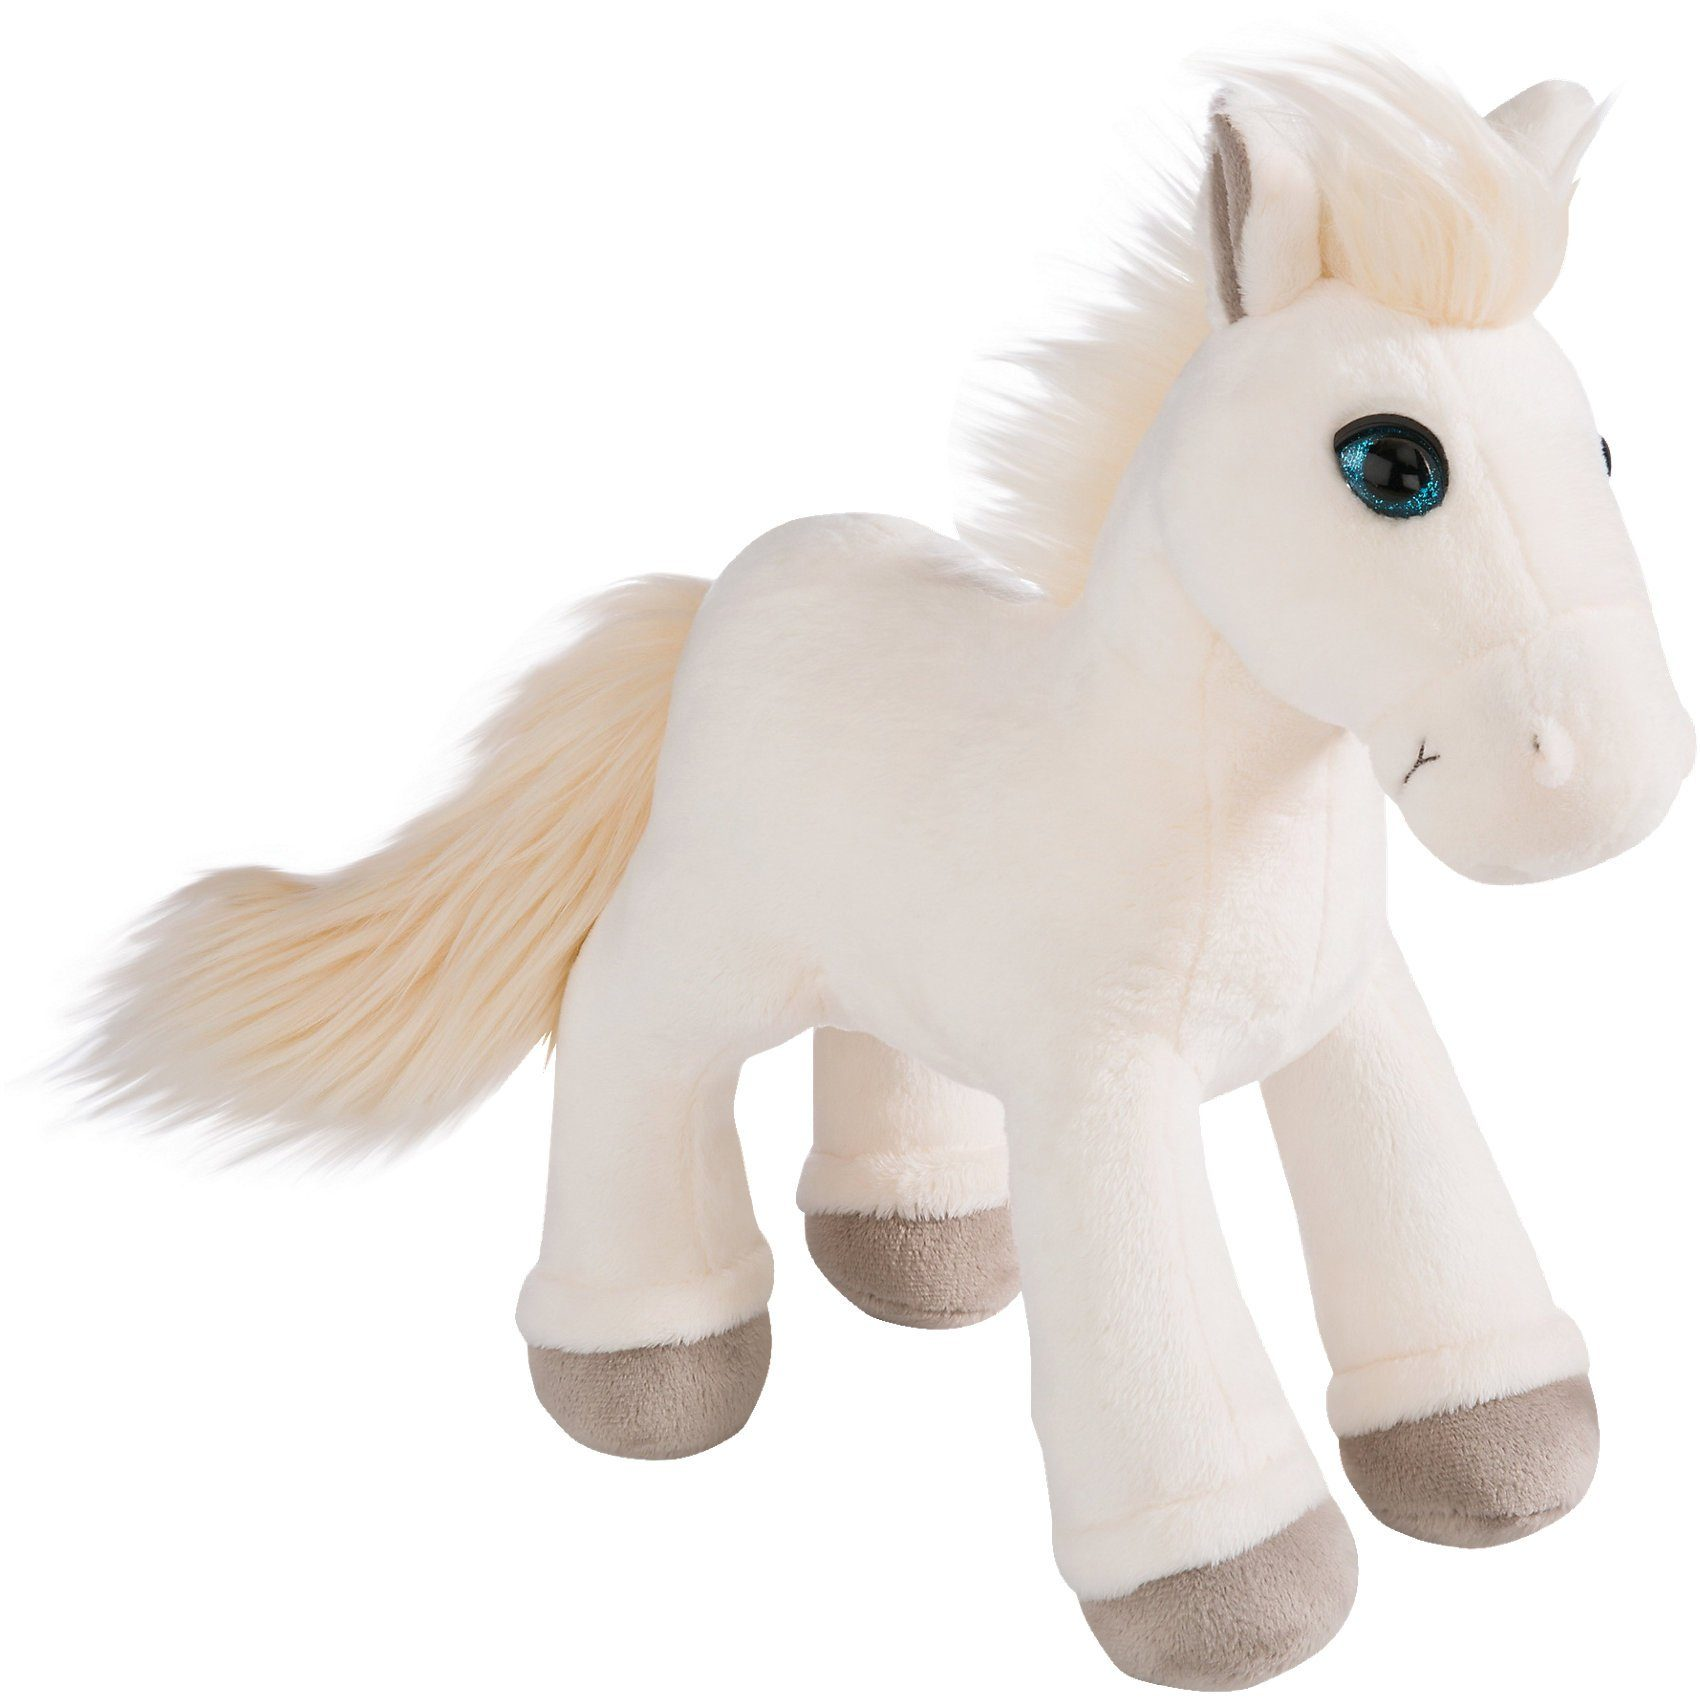 Pferd Cloudhopper stehend, 25cm (41379)